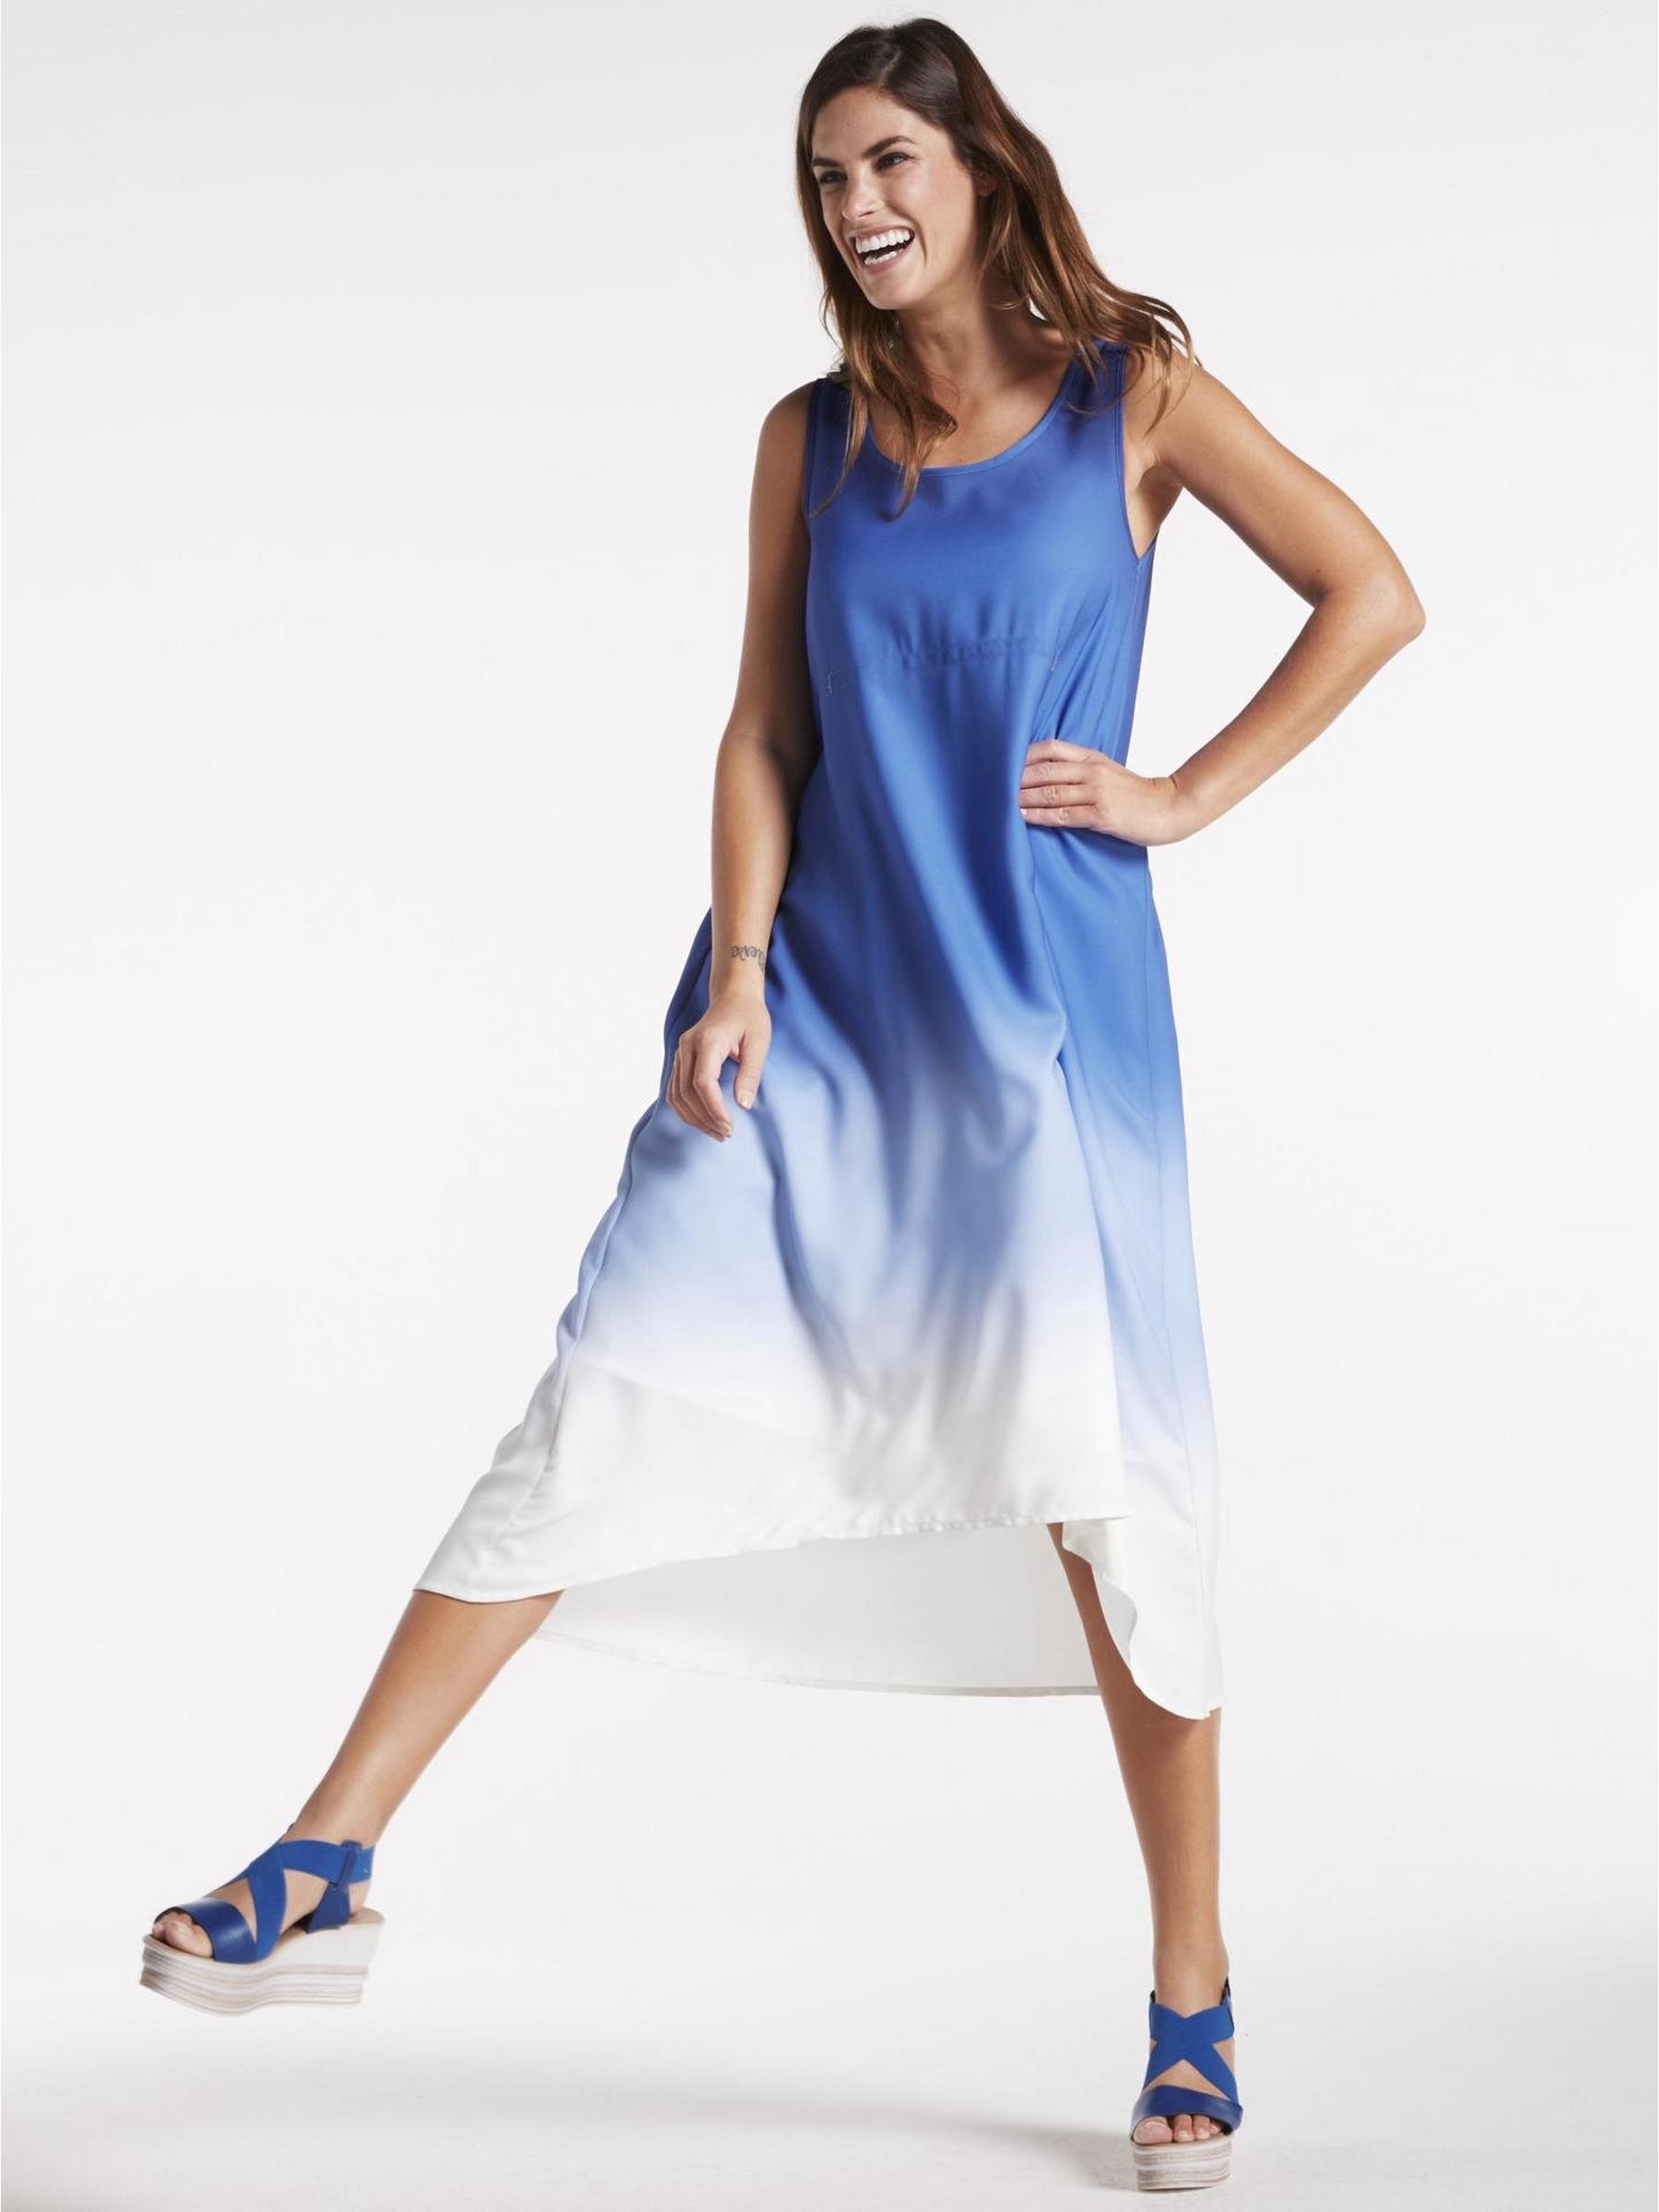 Kleid mit seitlicher Schnürung im Batik-Look Gr. 36